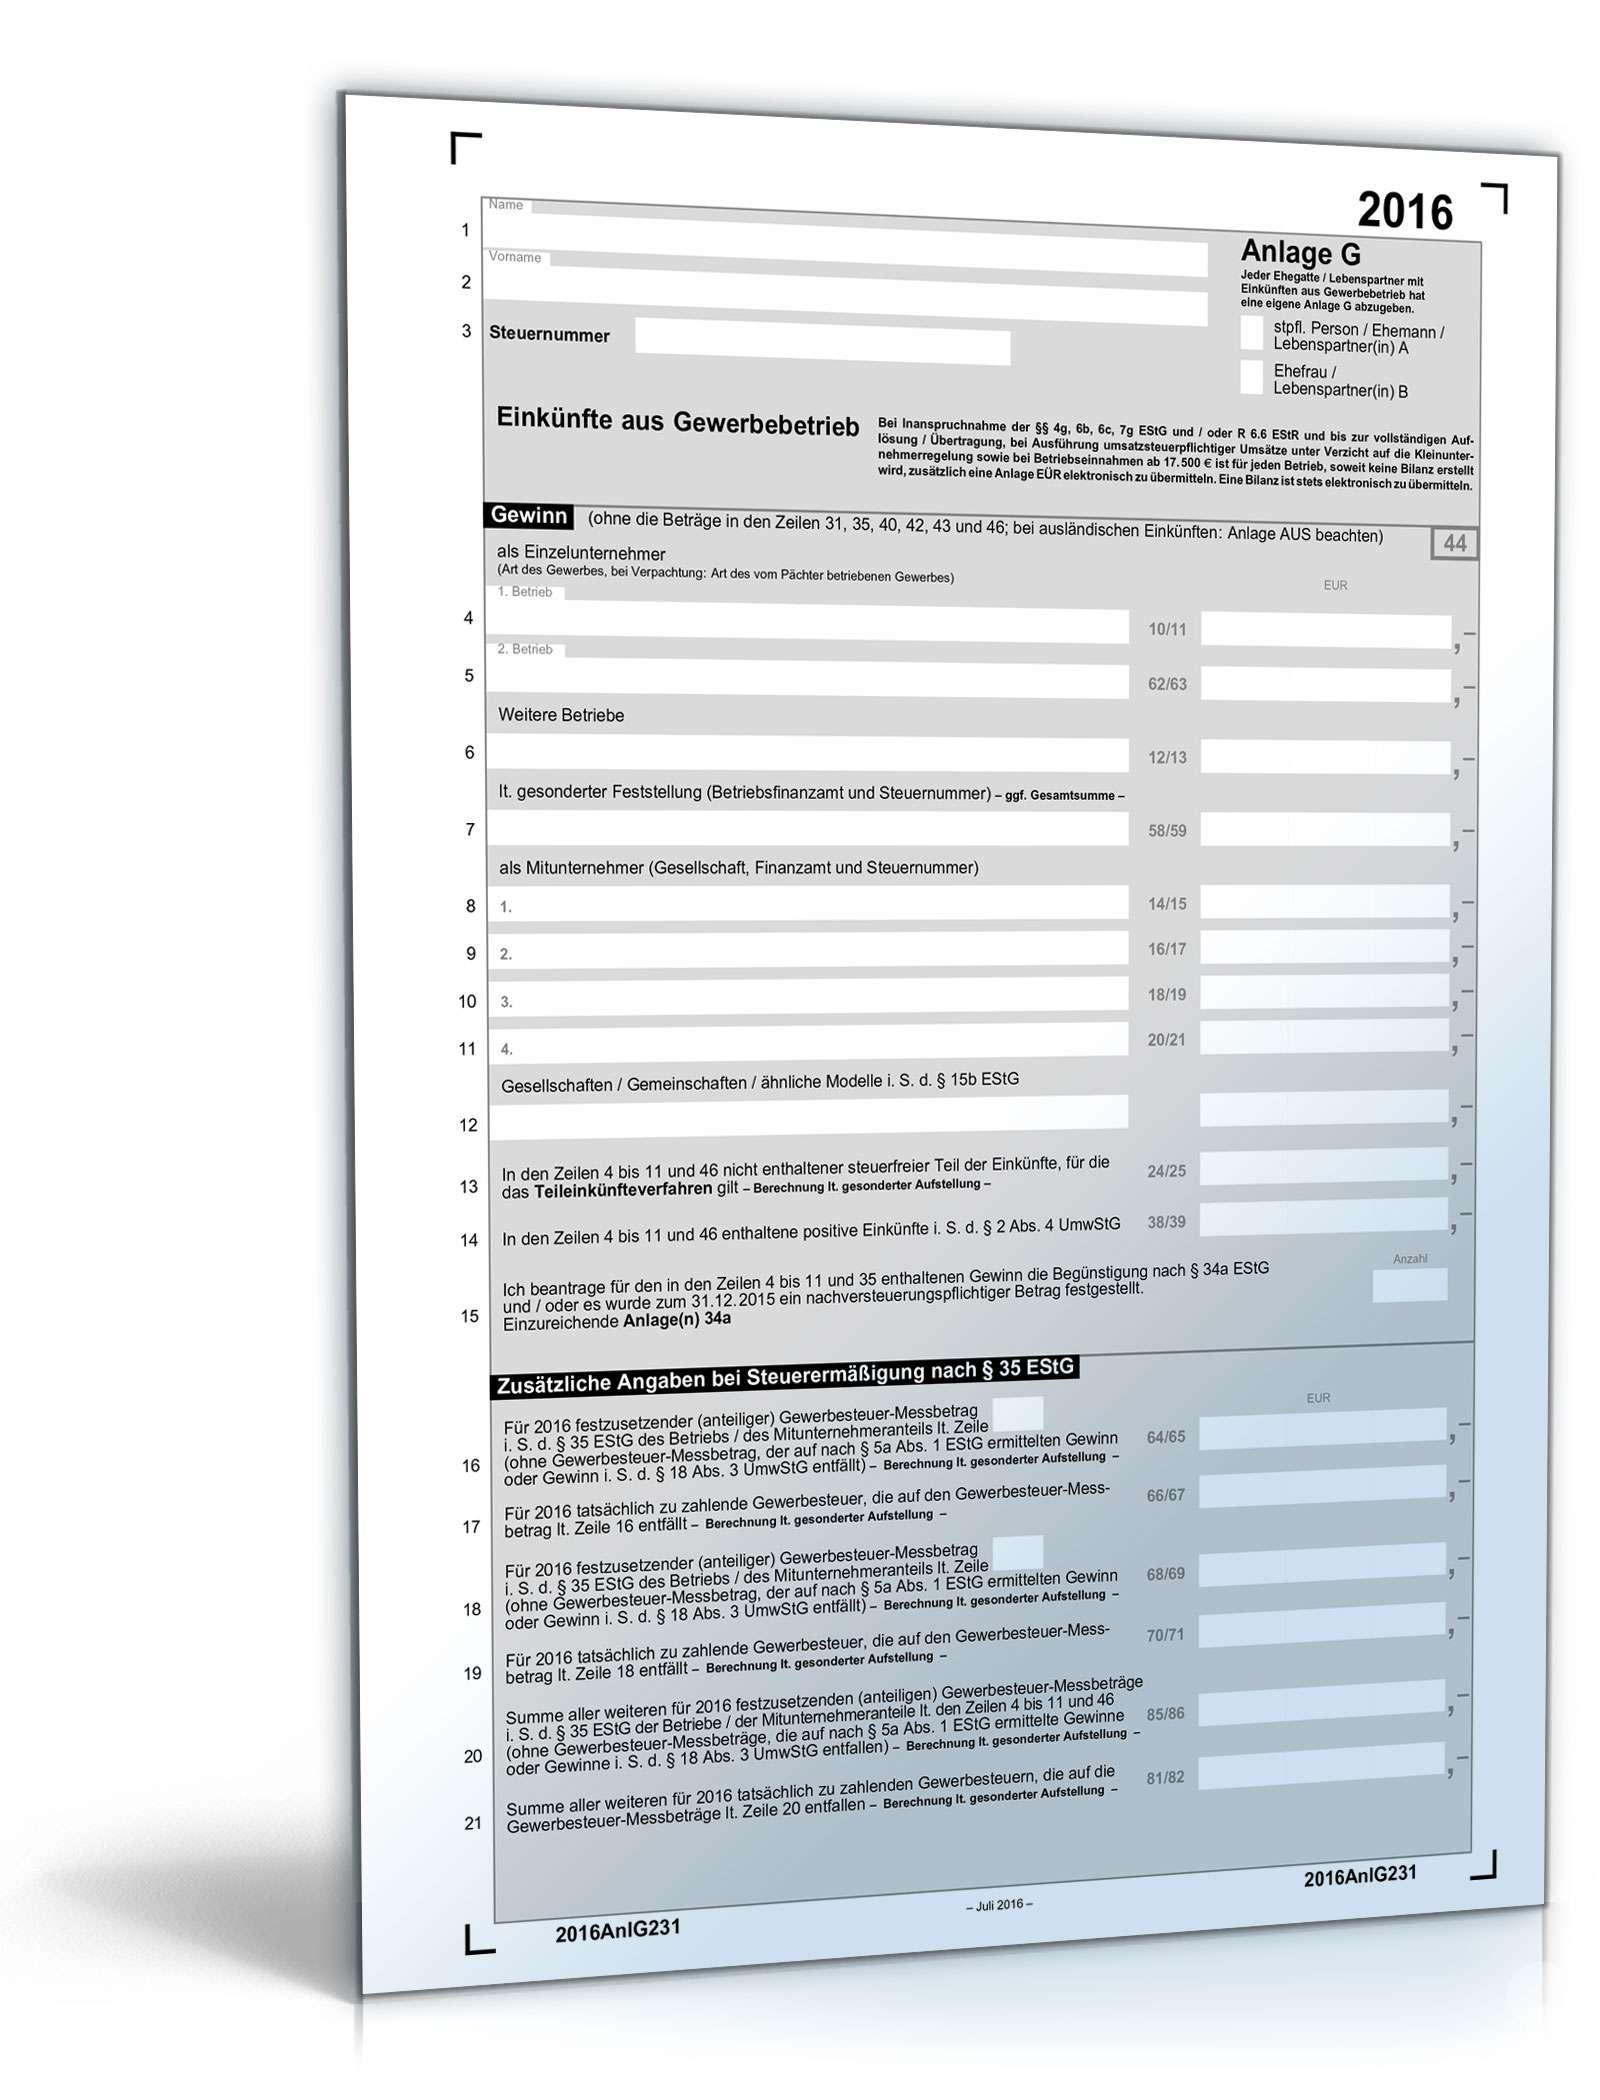 Anlage G 2016 Dokument zum Download